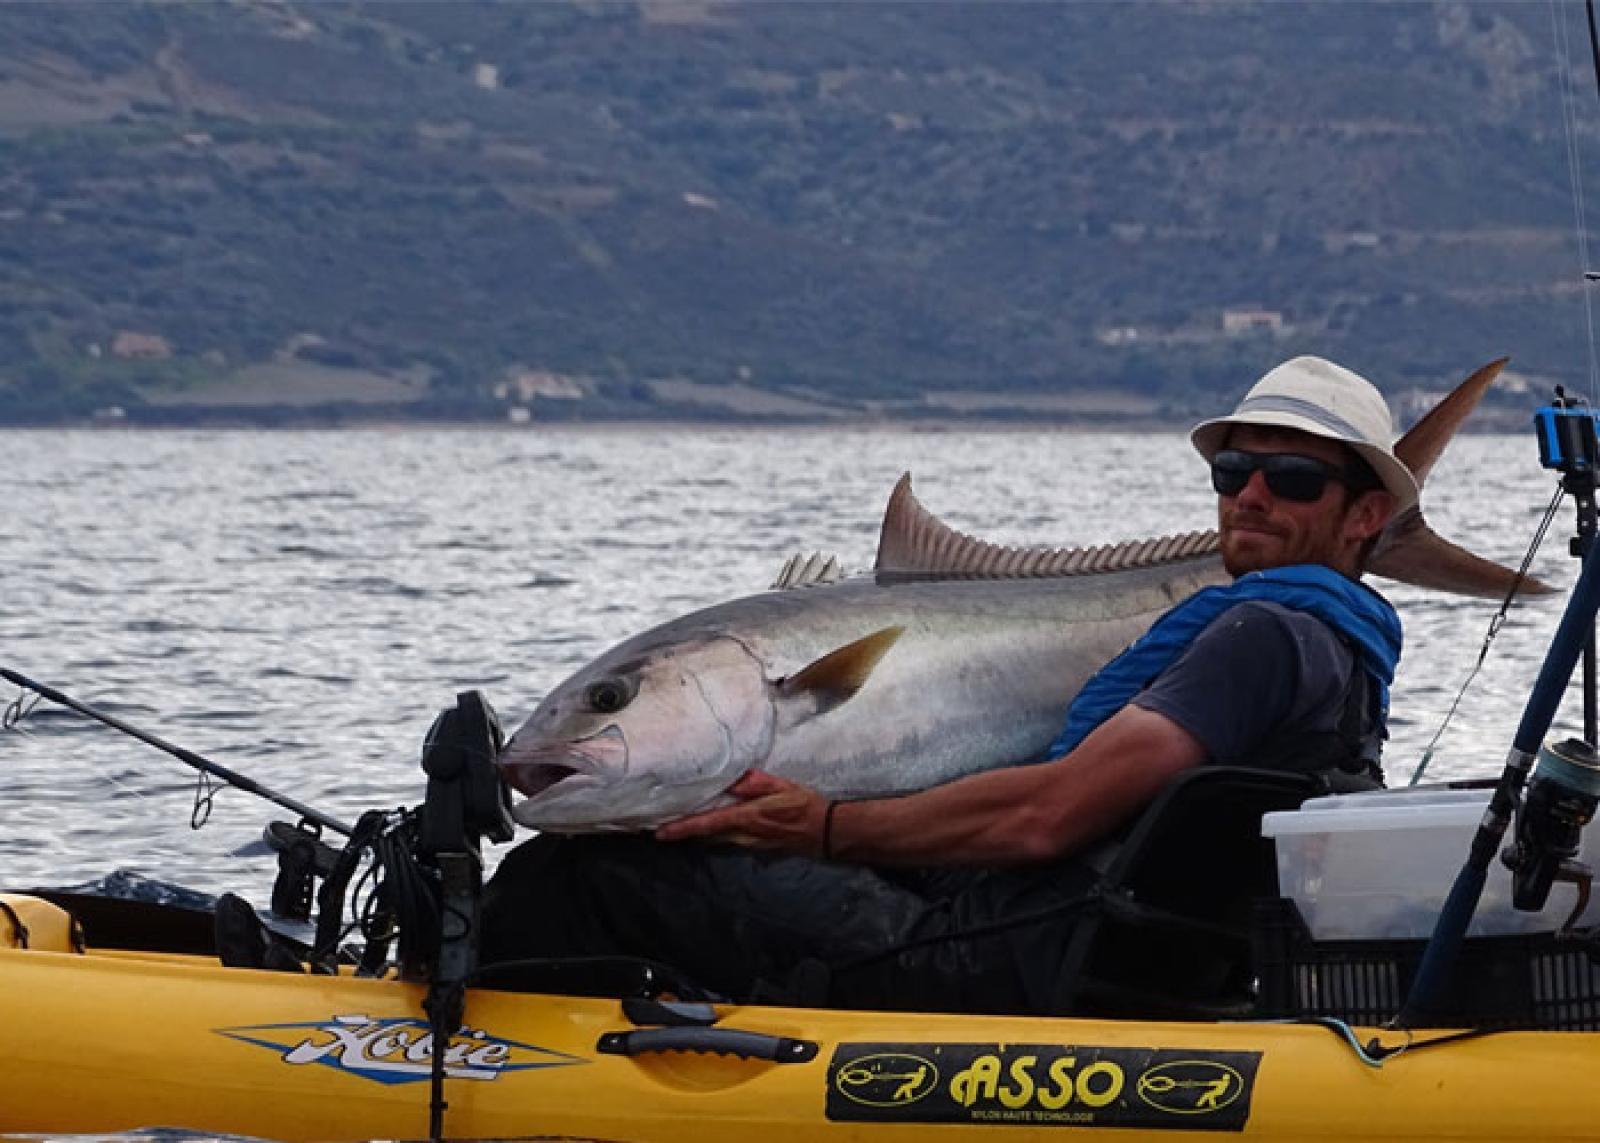 peche de gros poissons en corse a bord d'un kayak